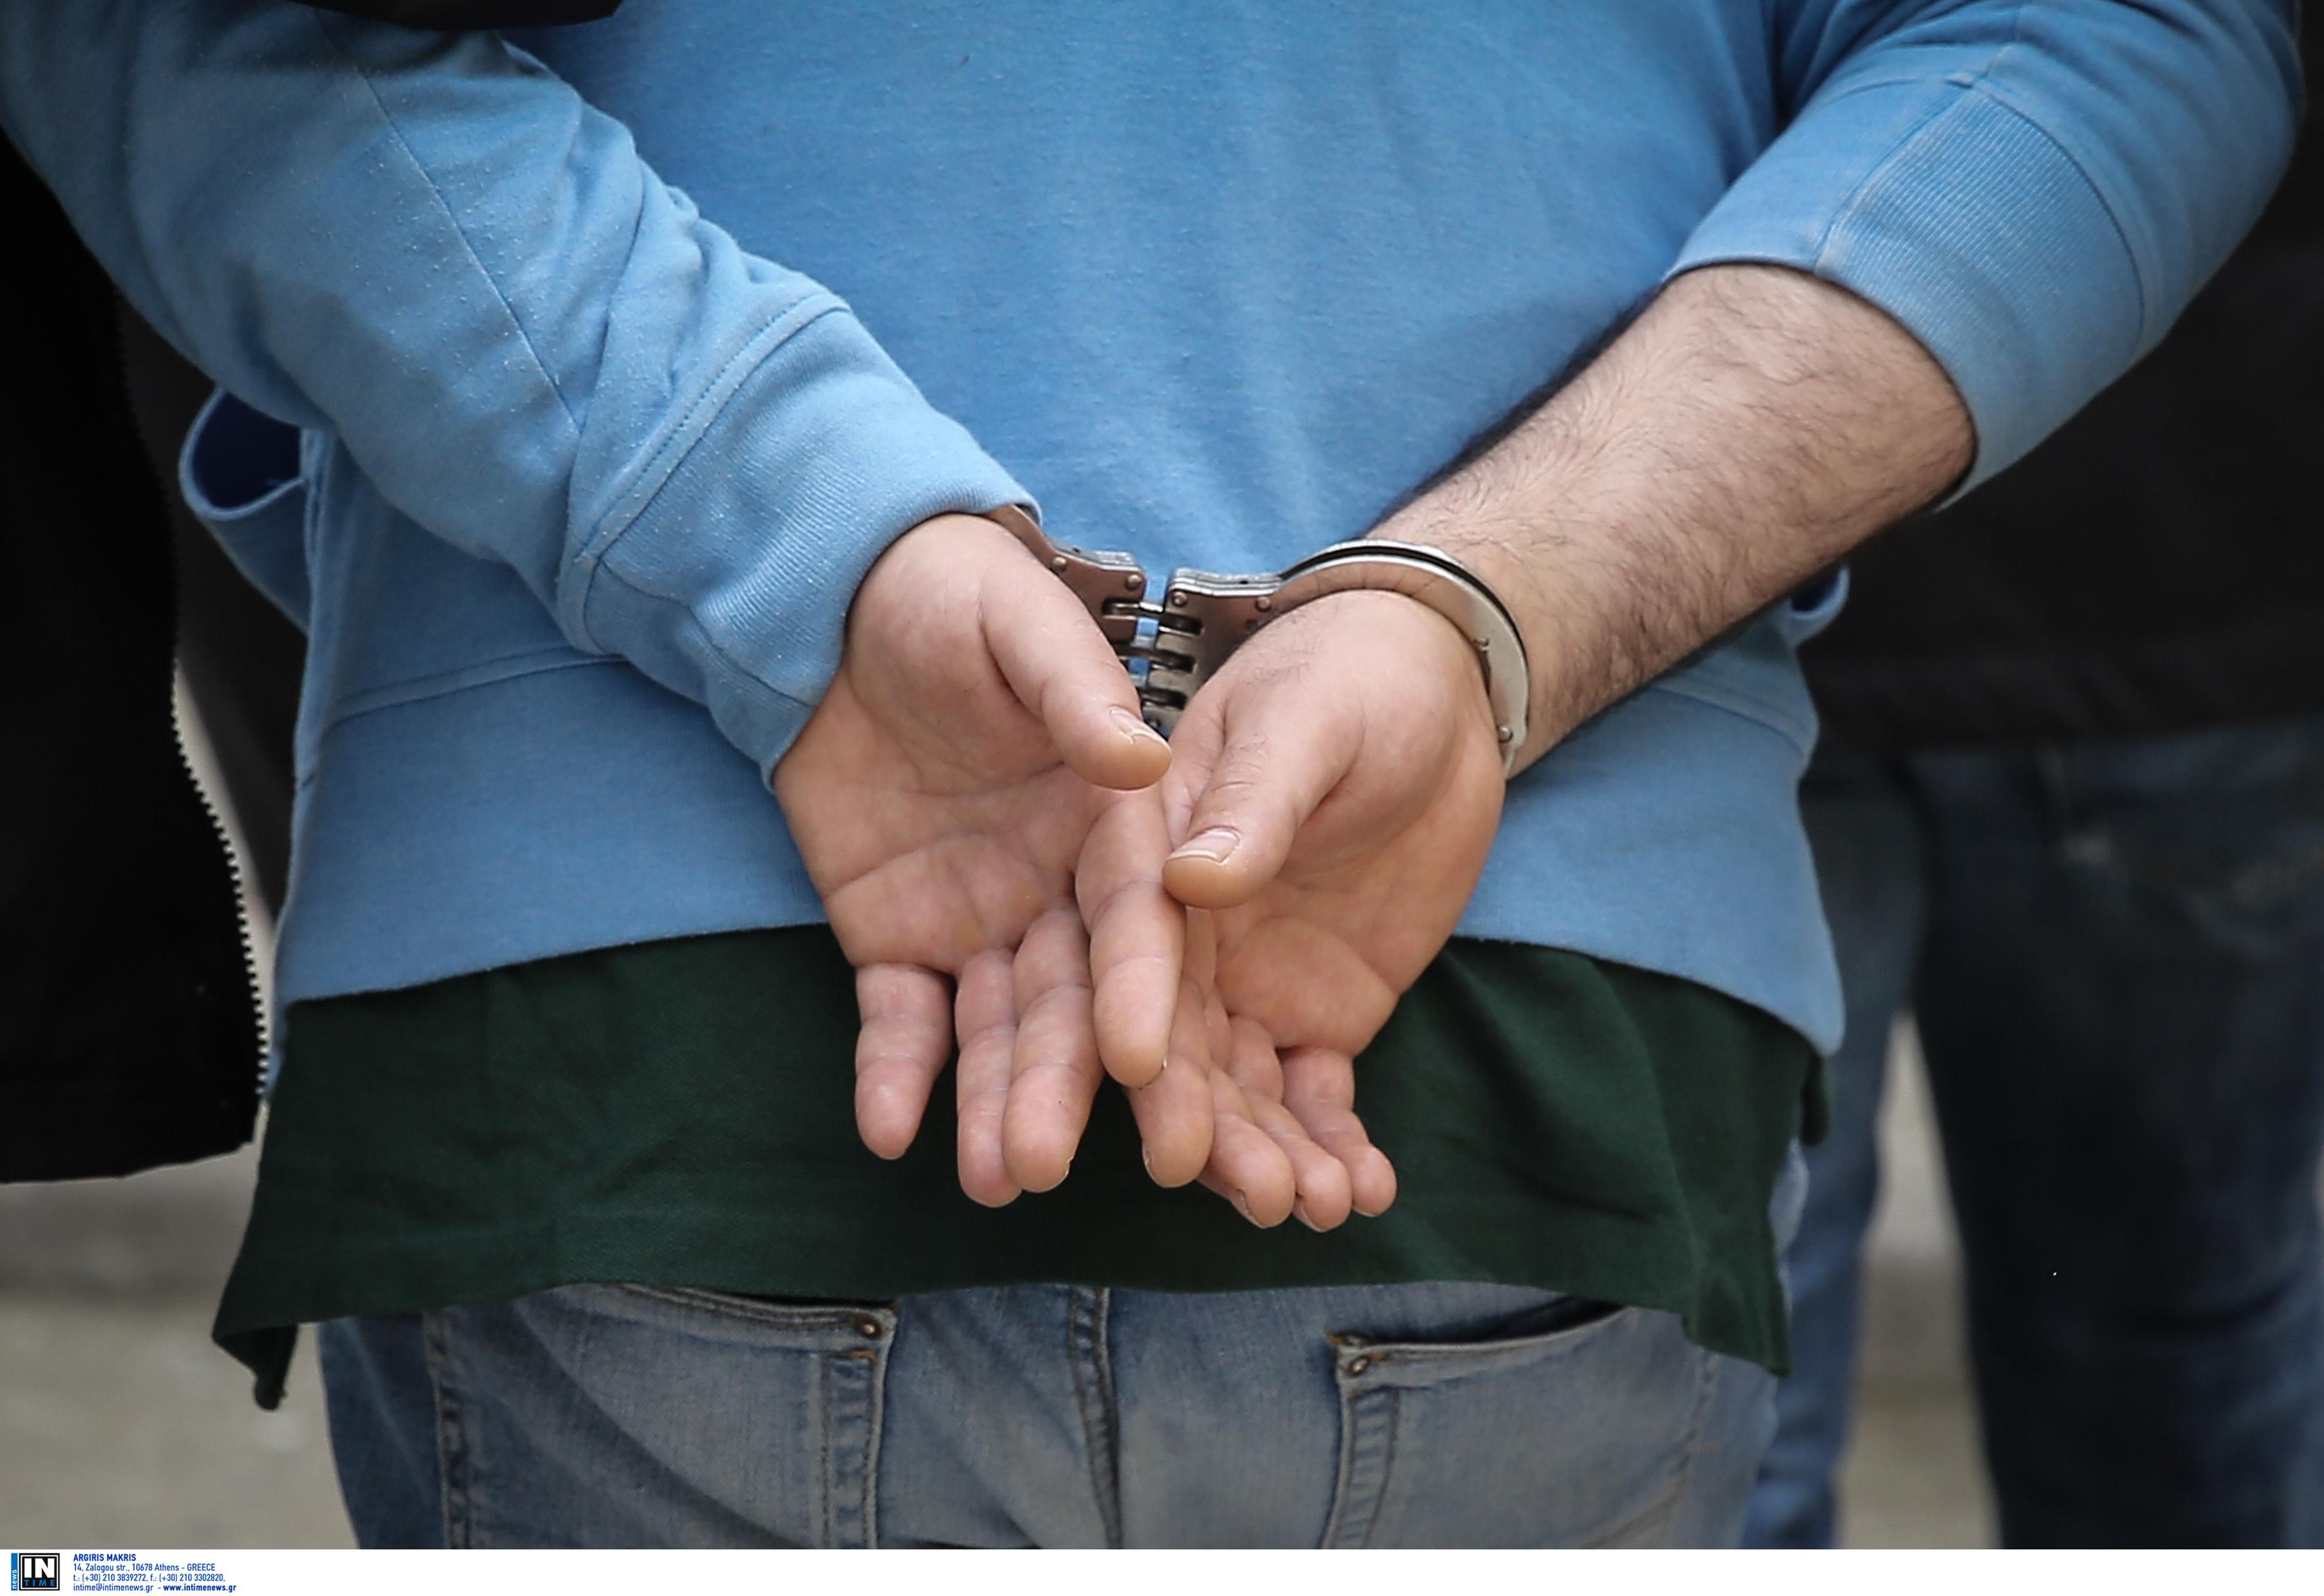 Κέρκυρα: Χειροπέδες σε Τούρκους διακινητές μεταναστών – Ο έλεγχος στη θαλαμηγό ξεσκέπασε την αλήθεια!